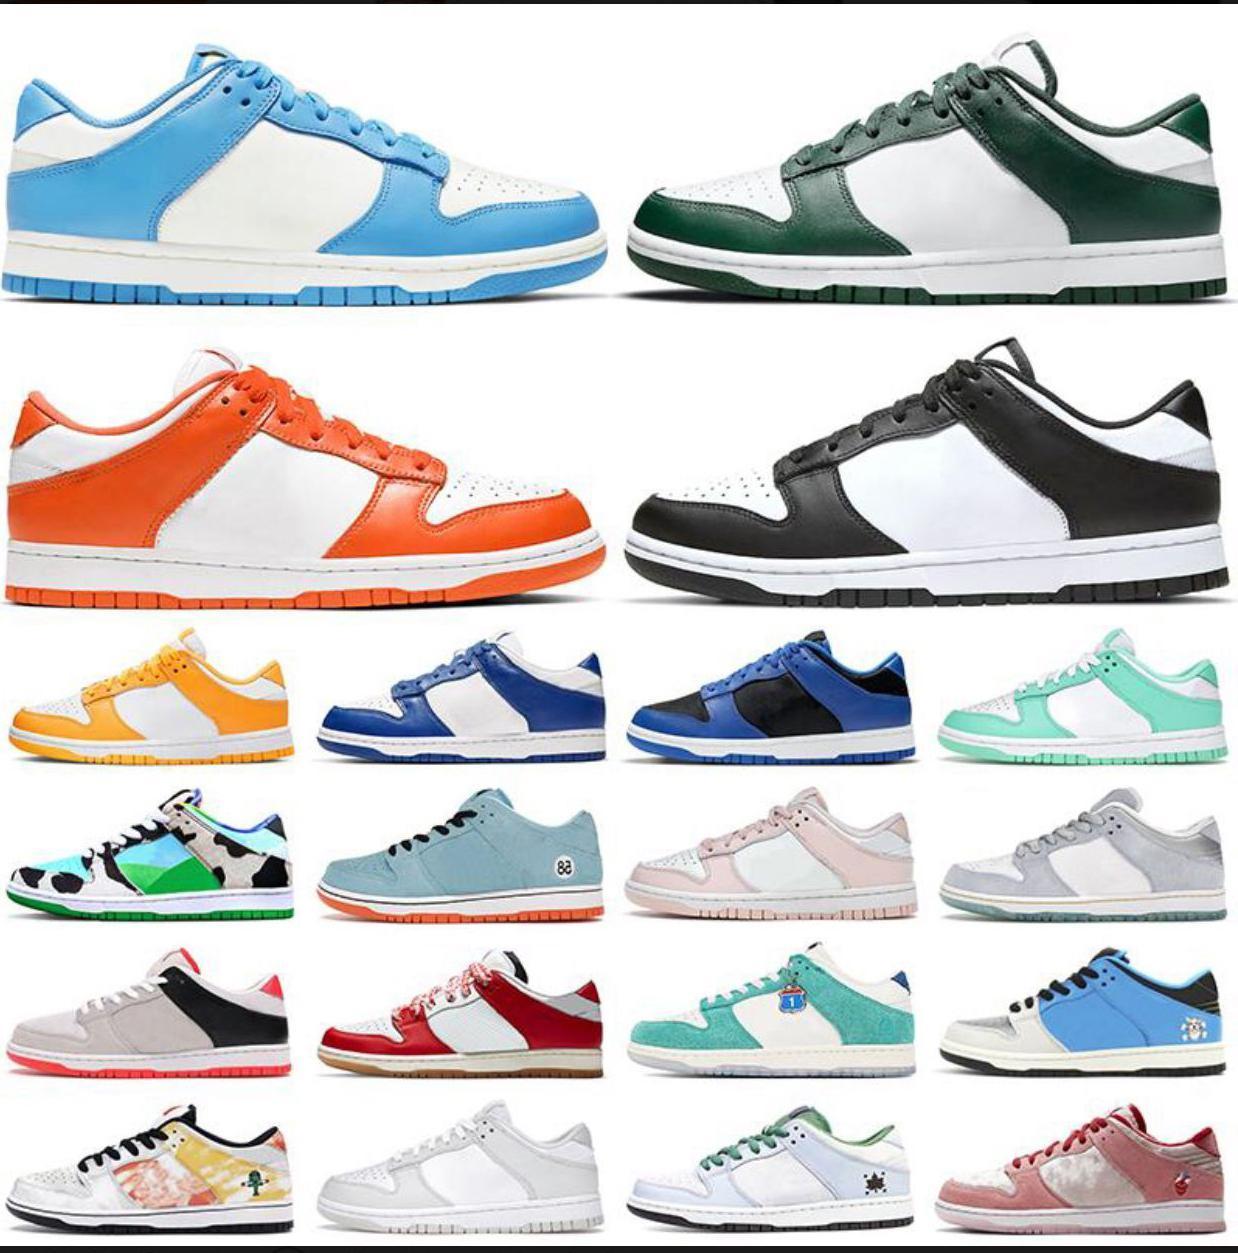 2021 Yüksek Kalite Süper Örme Dikiş erkek Koşu Ayakkabıları kadın Işık Gri Koyu Mavi Eğlence Boyutu 36-45